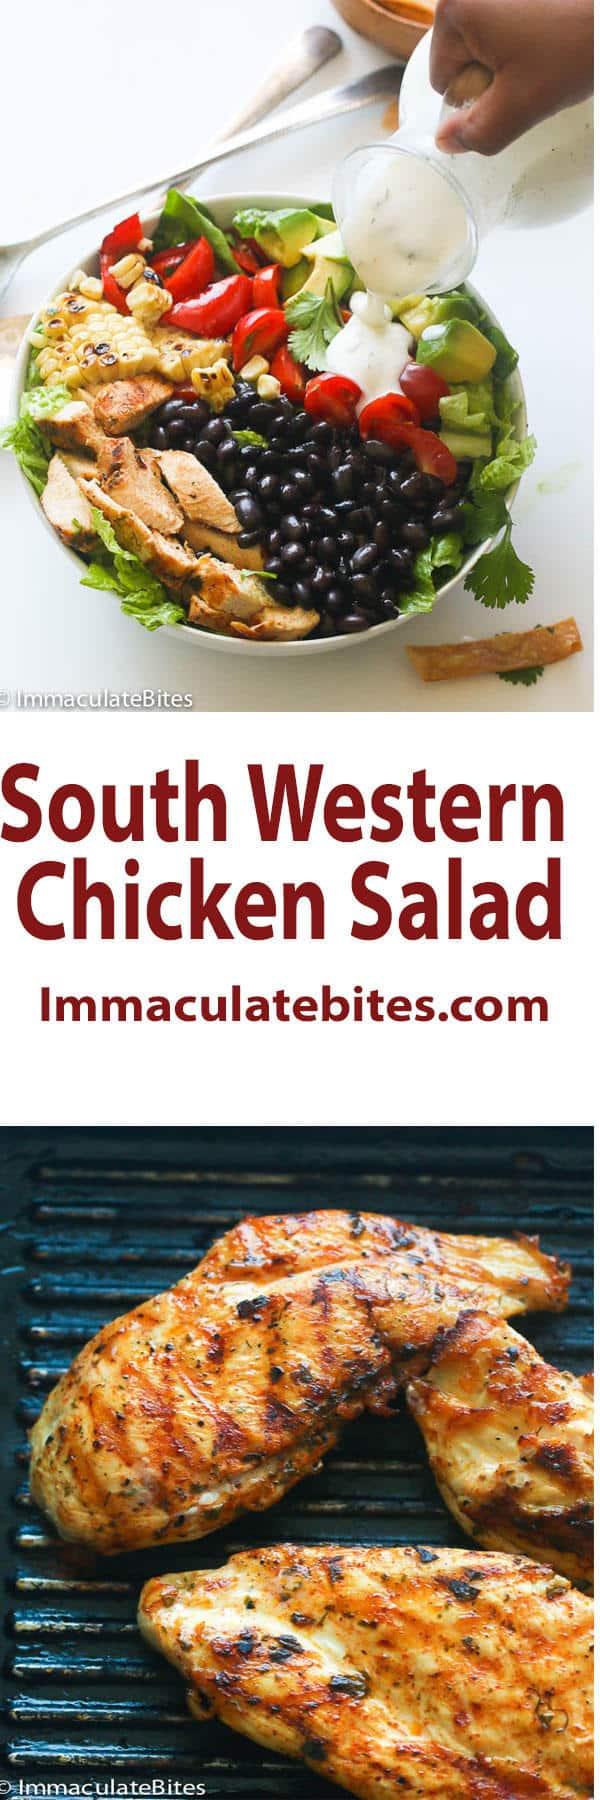 Southwest-Chicken Salad